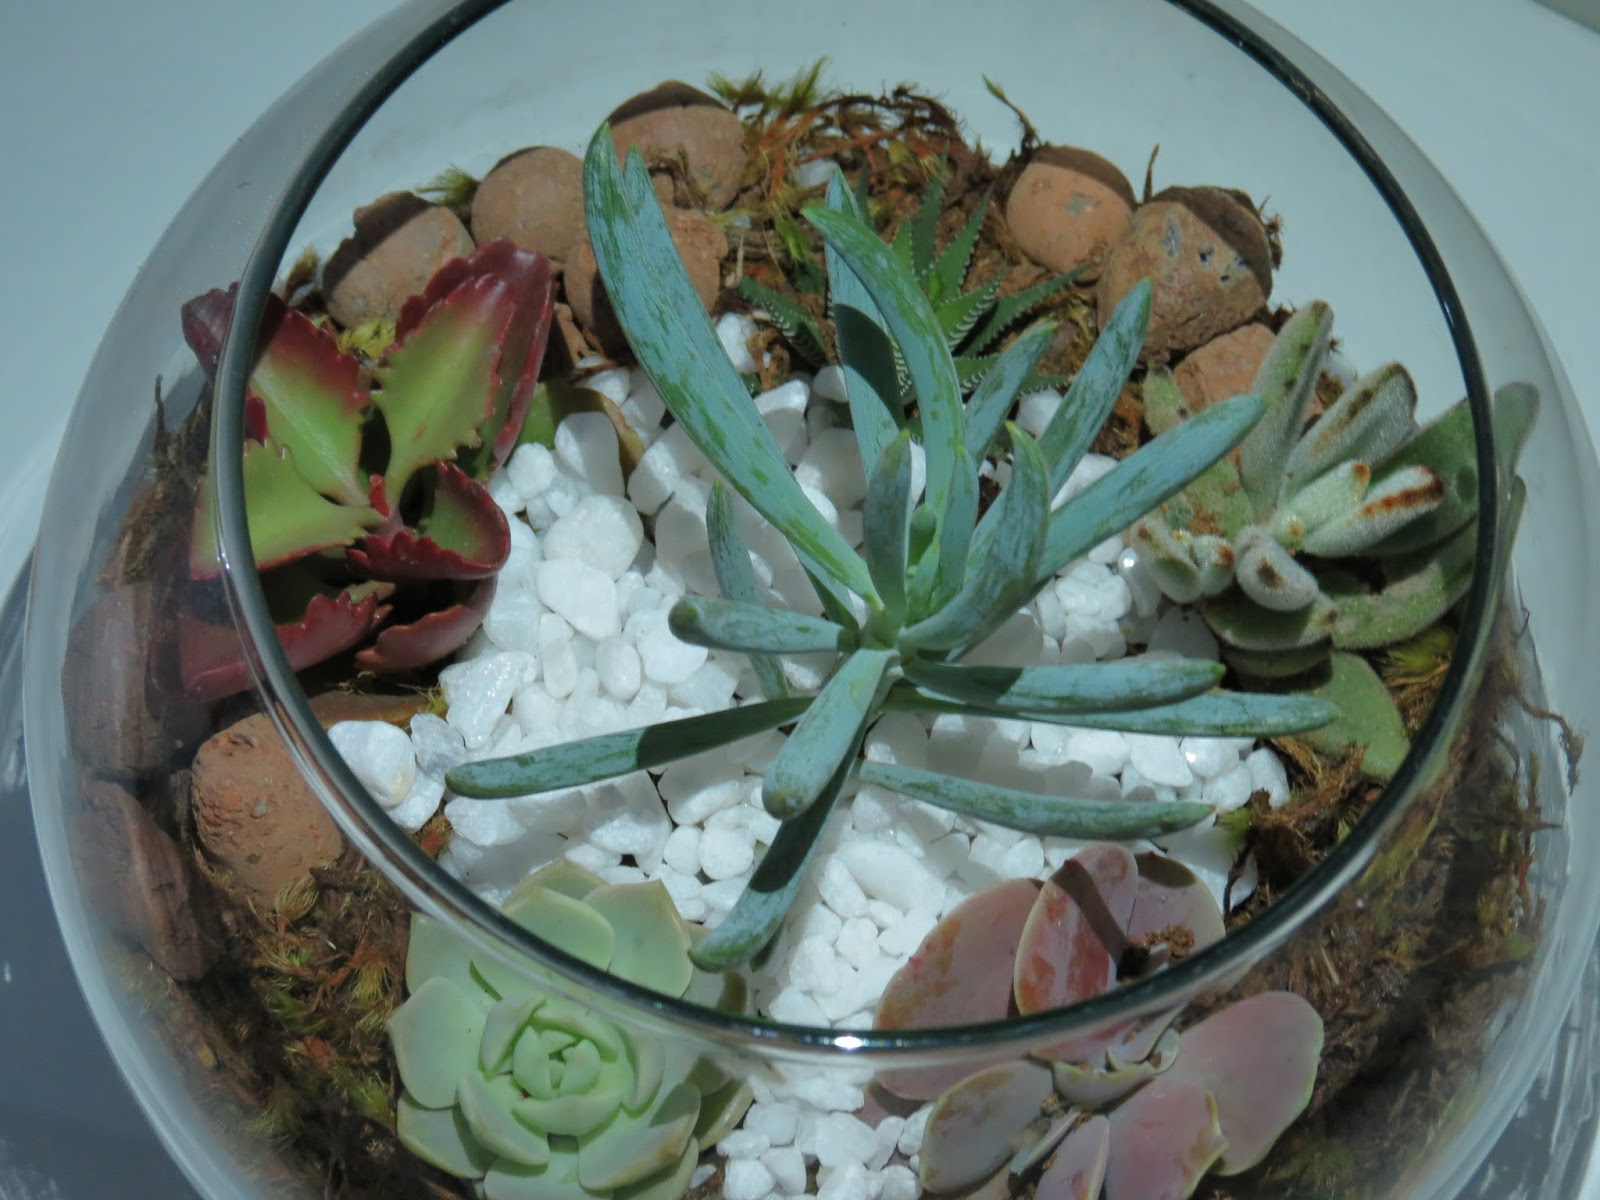 mini jardim em vaso de vidro: de nada nessa vida abraços aos parceiros de profissão paulo heib